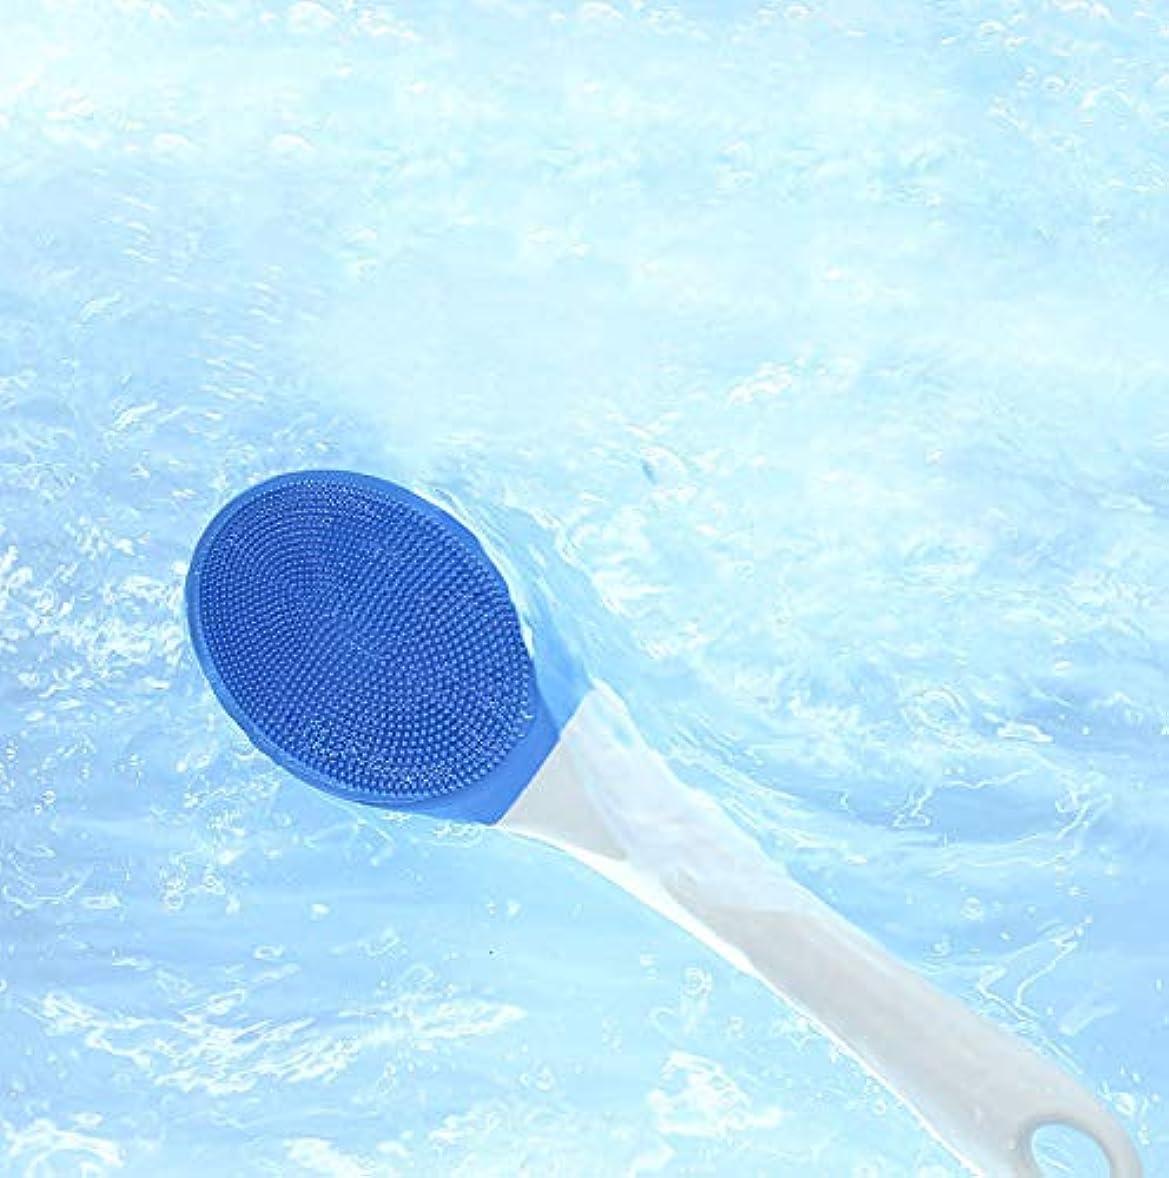 違反する気質二年生電気バスブラシ、防水ボディ、洗顔ブラシロングハンドルソニック電動スクラバーディープクリーニング用3スピード調整可能なパルス振動,Blue